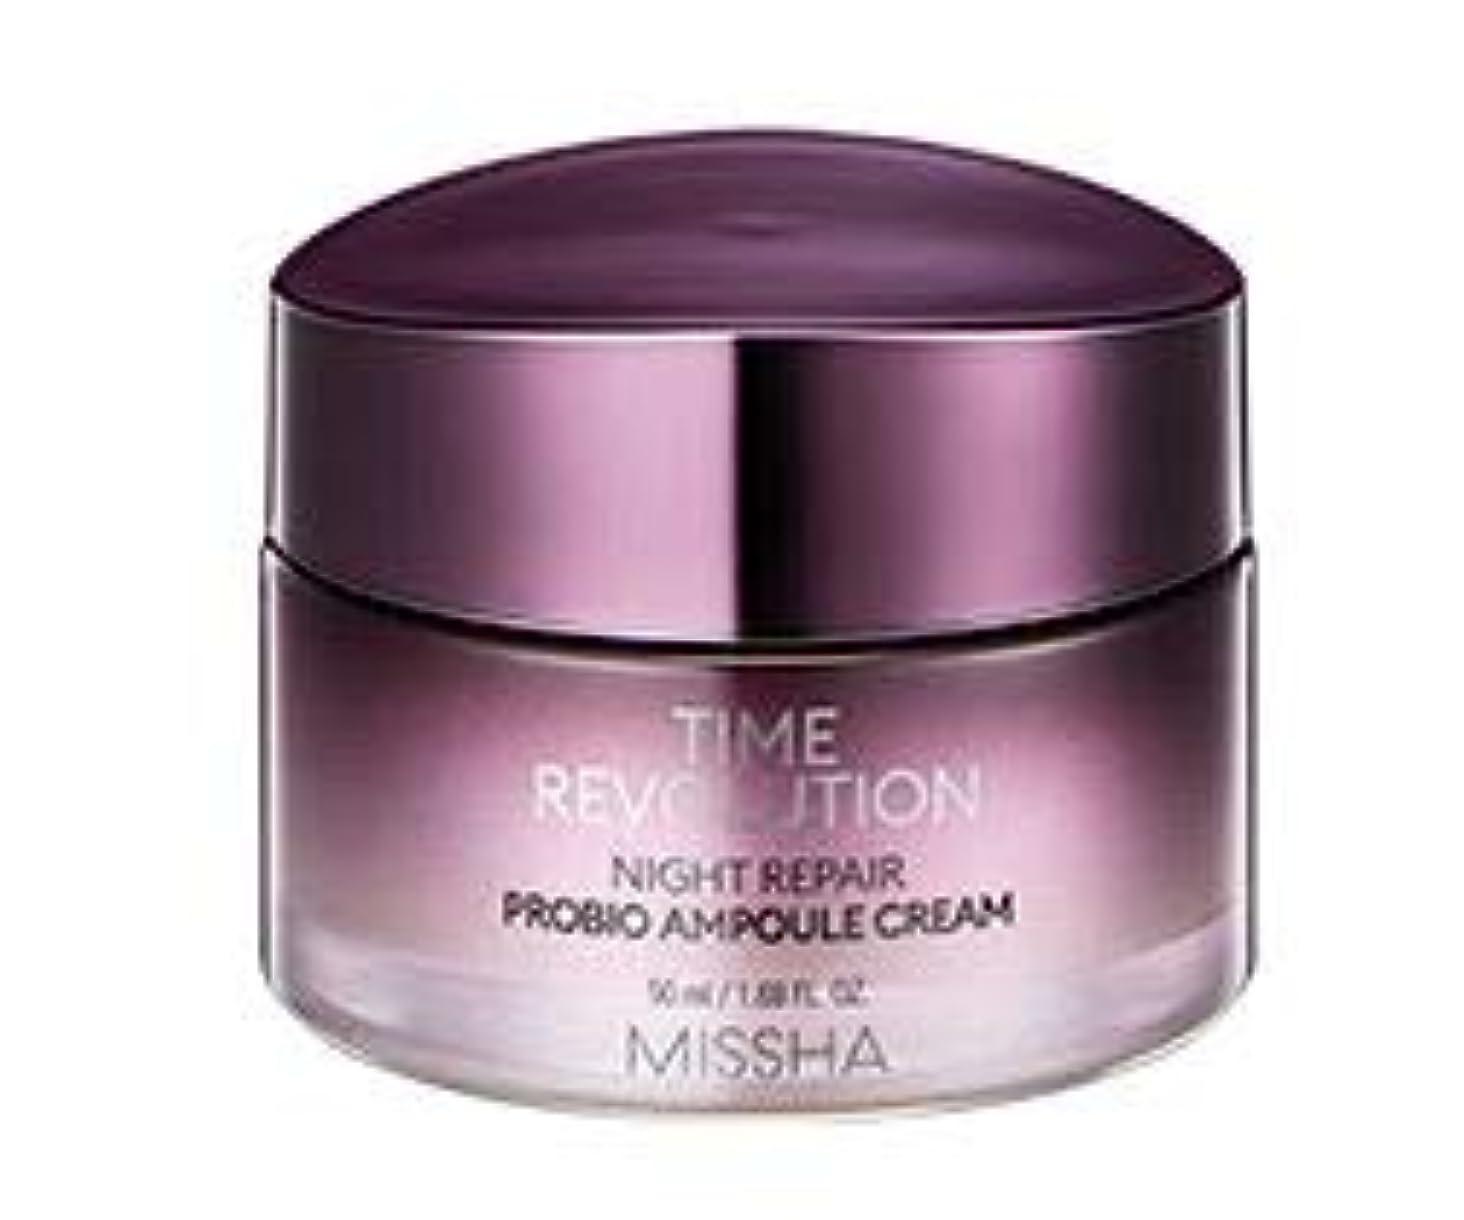 作成者不完全な異邦人[NEW!!] MISSHA TIME REVOLUTION_Night Repair Probio Ampoule Cream ミシャ タイムレボリューション ナイト リペア プロバイオ アンプル クリーム 50ml...